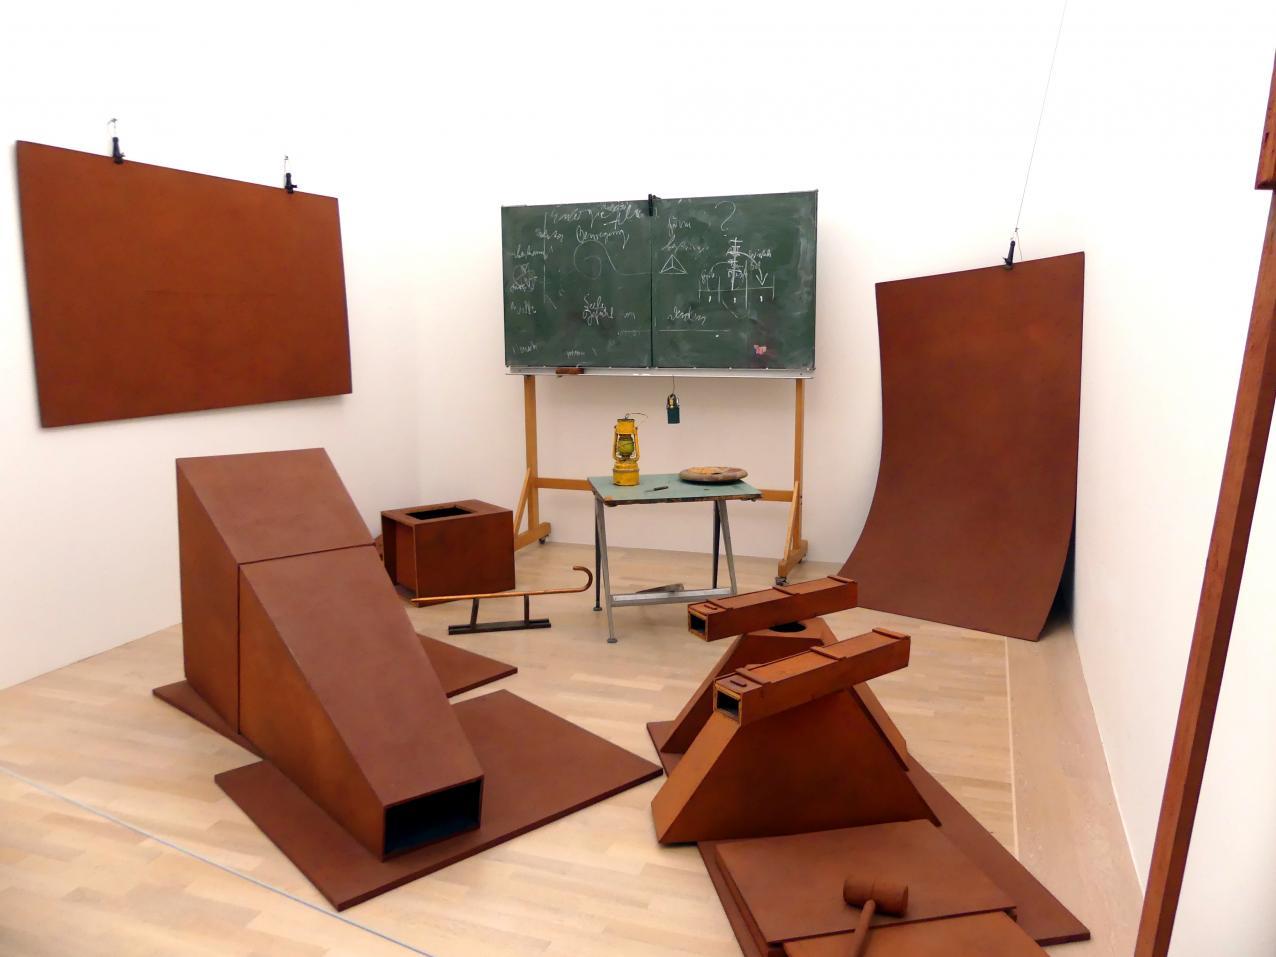 Joseph Beuys: Vor dem Aufbruch aus Lager I, 1970 - 1980